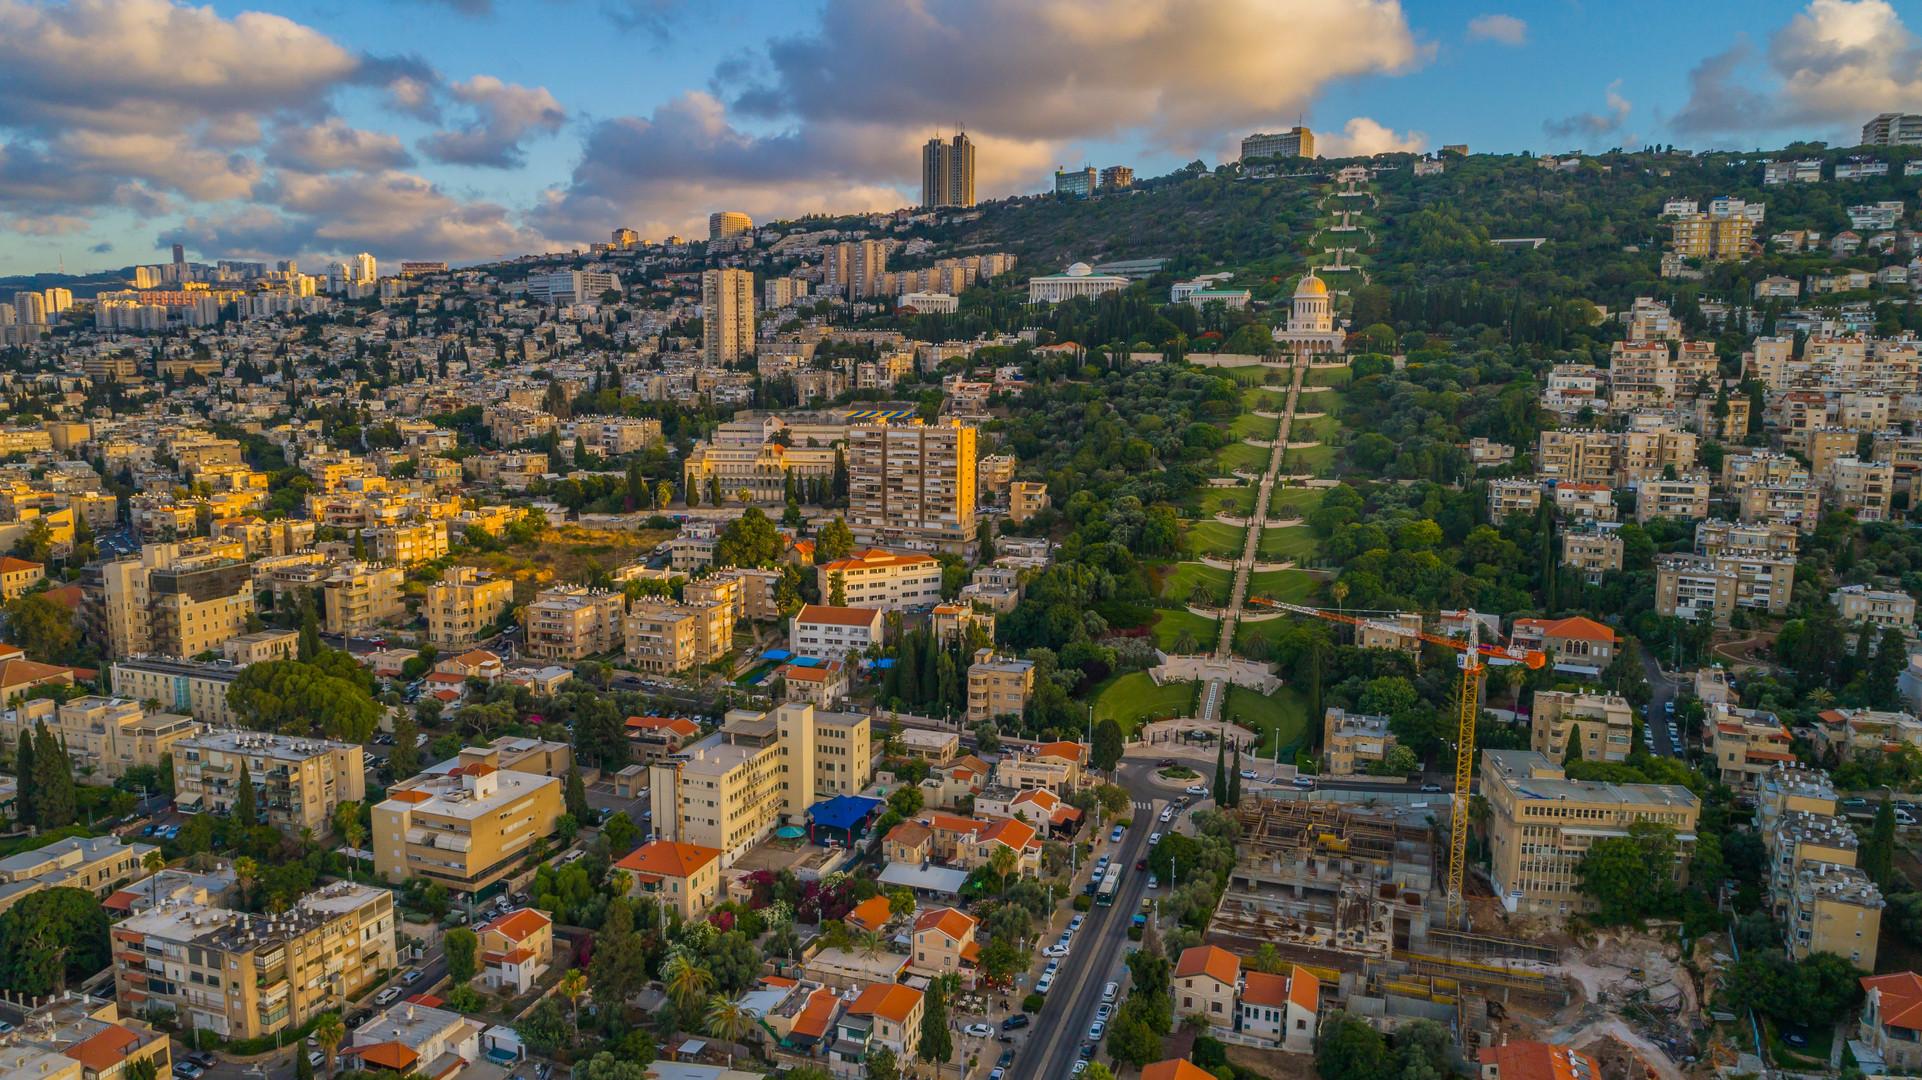 haifa-bahai-gardens-aerial-drone-view-is